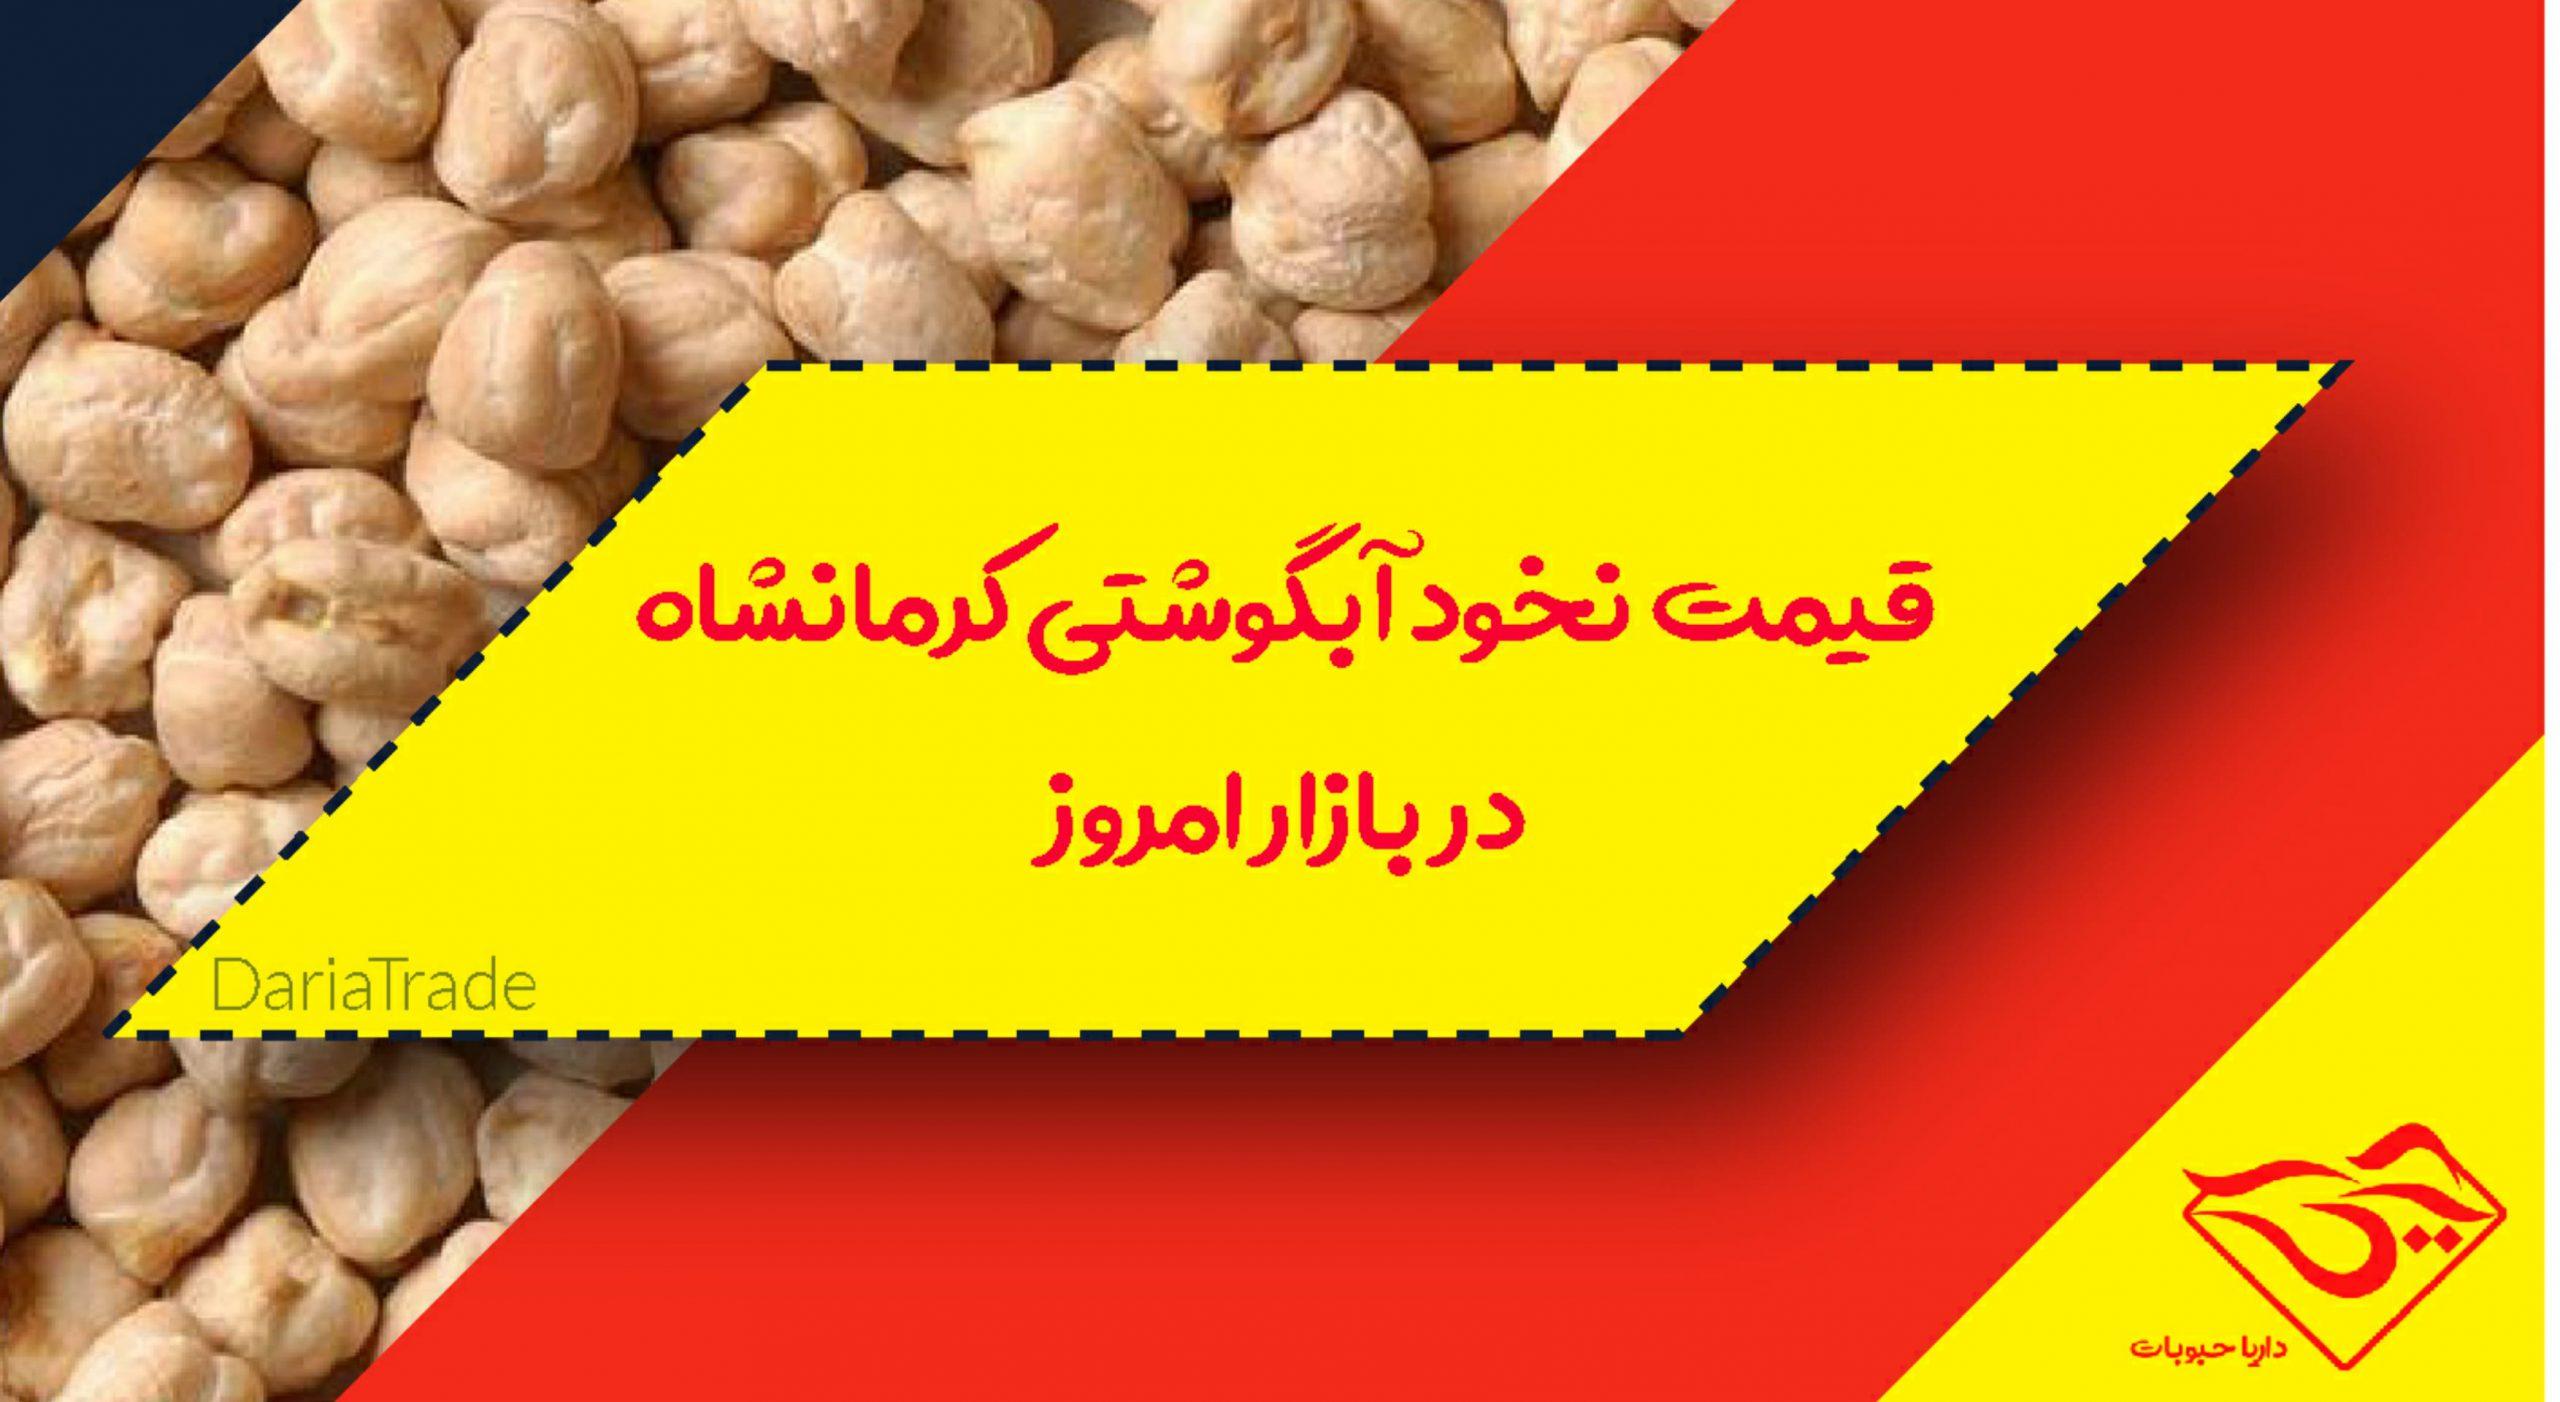 قیمت روز نخود آبگوشتی